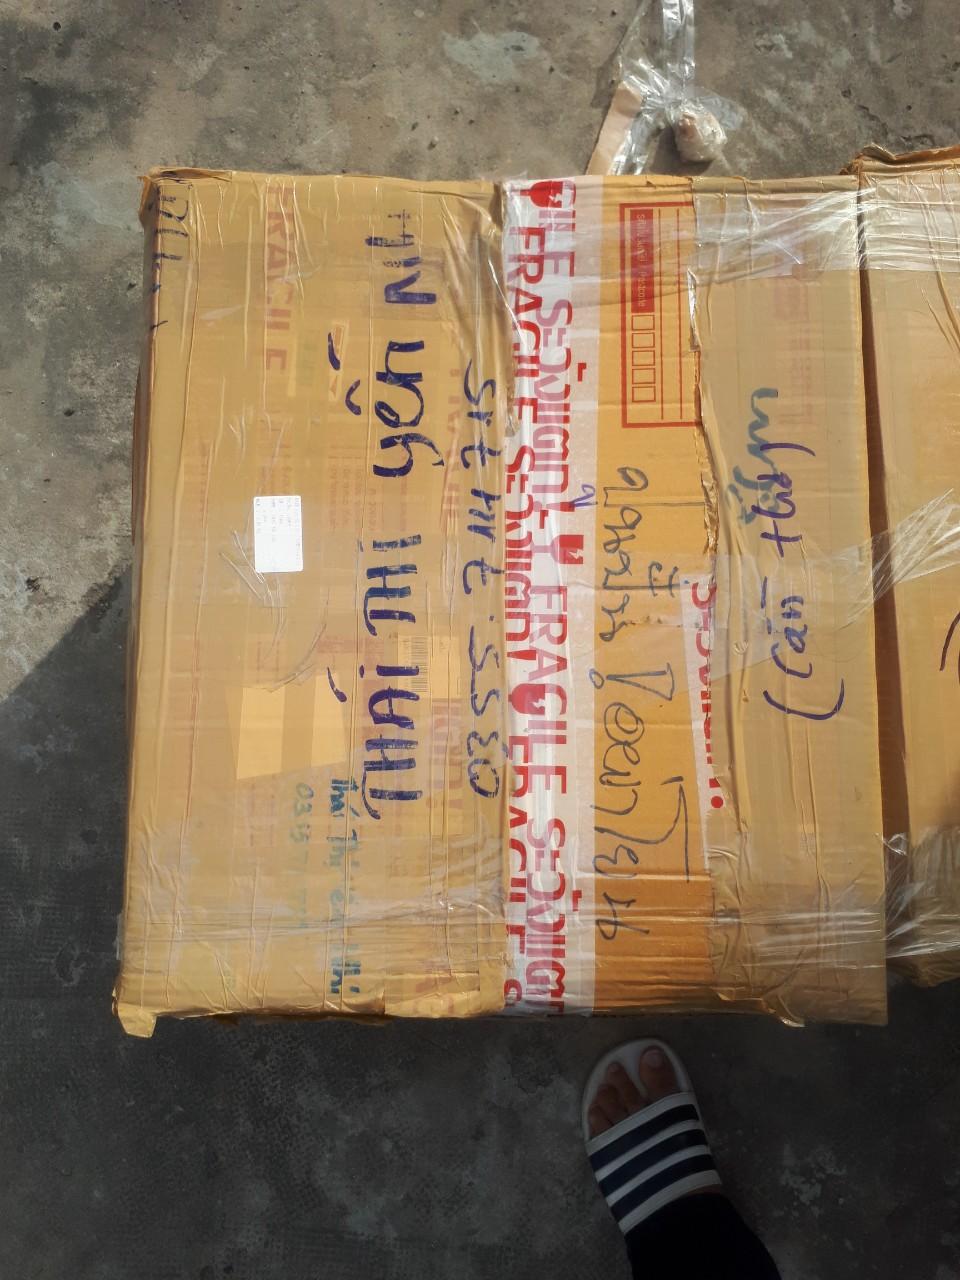 Thâm nhập đường dây mua bán Kumanthong: Công an Cần Thơ tạm giữ 71 búp bê nghi là Kumanthong - Ảnh 1.